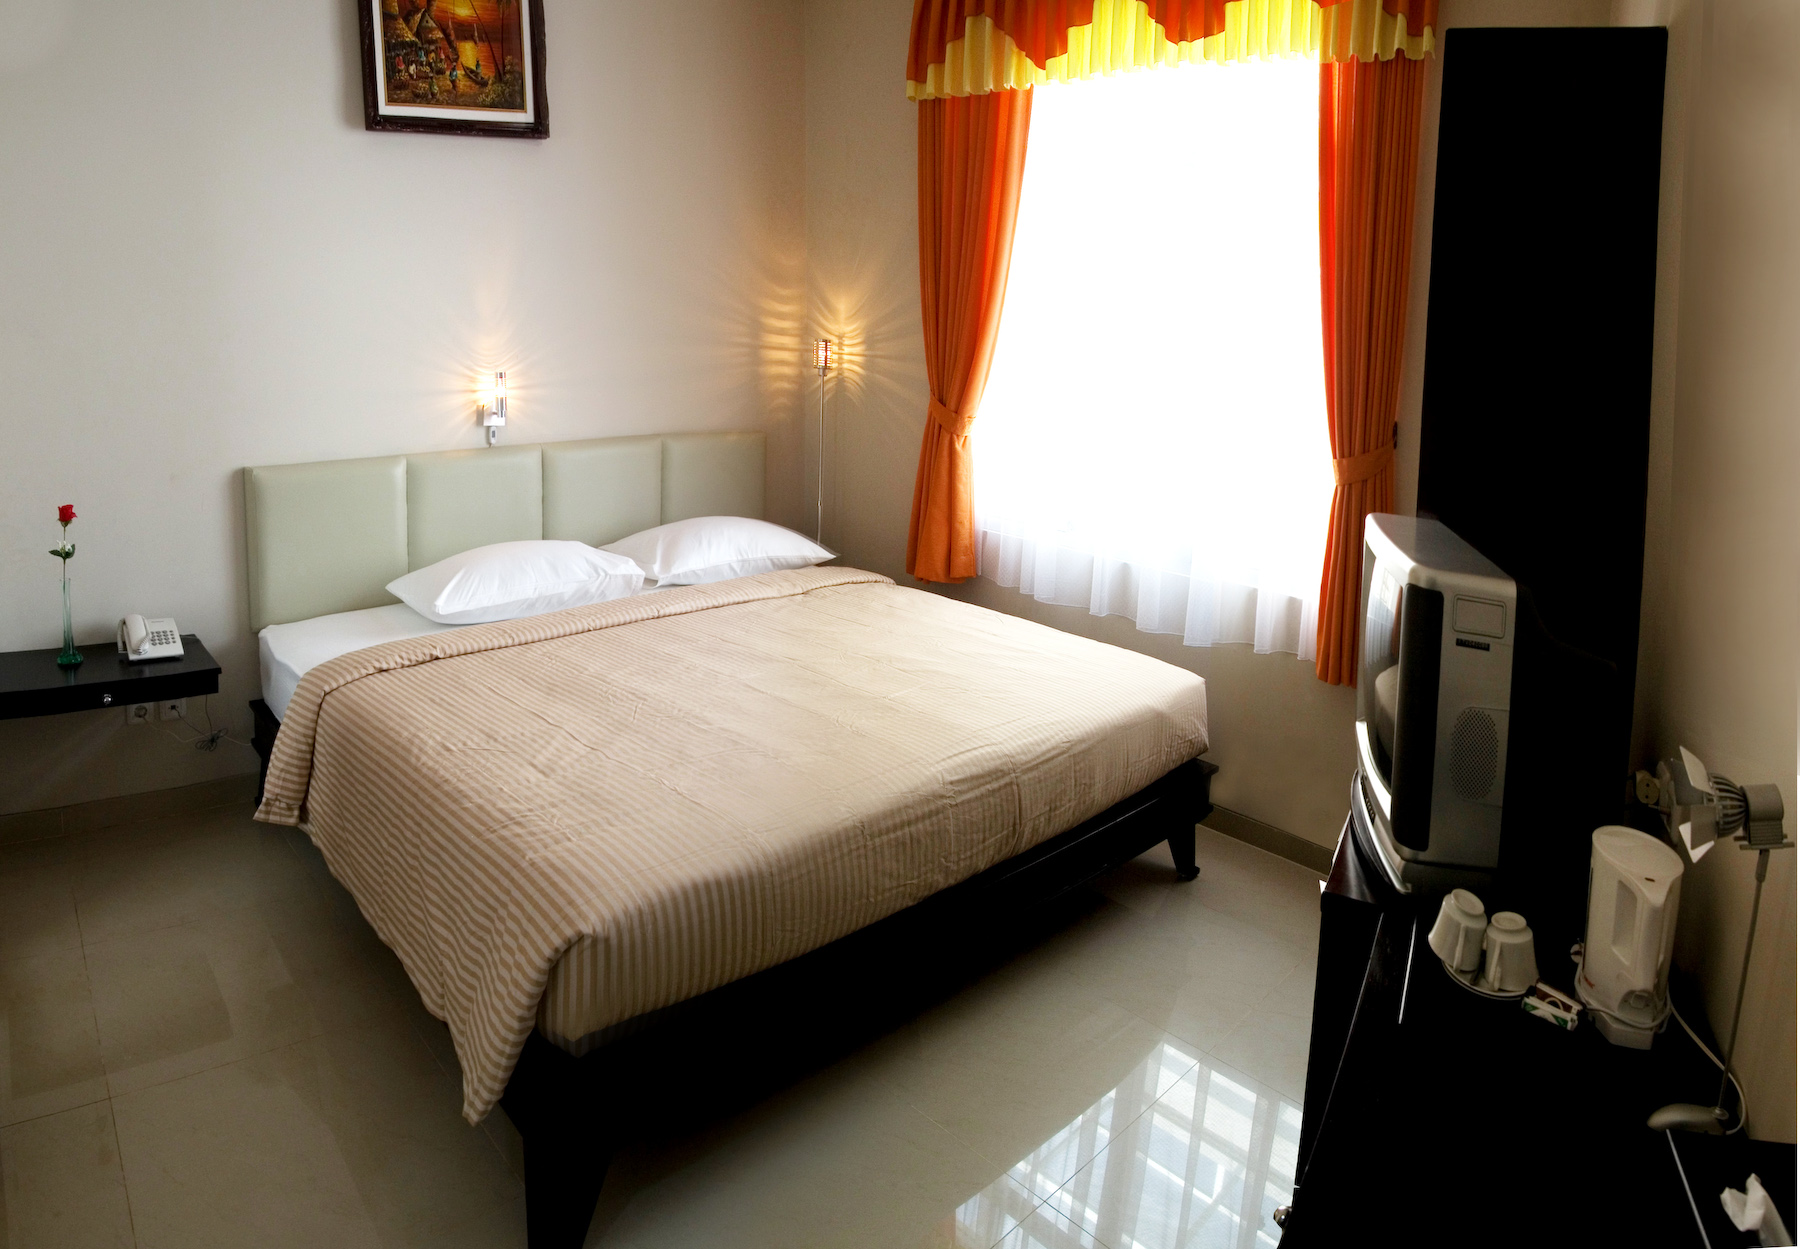 Gambar Kamar Hotel Single Bed